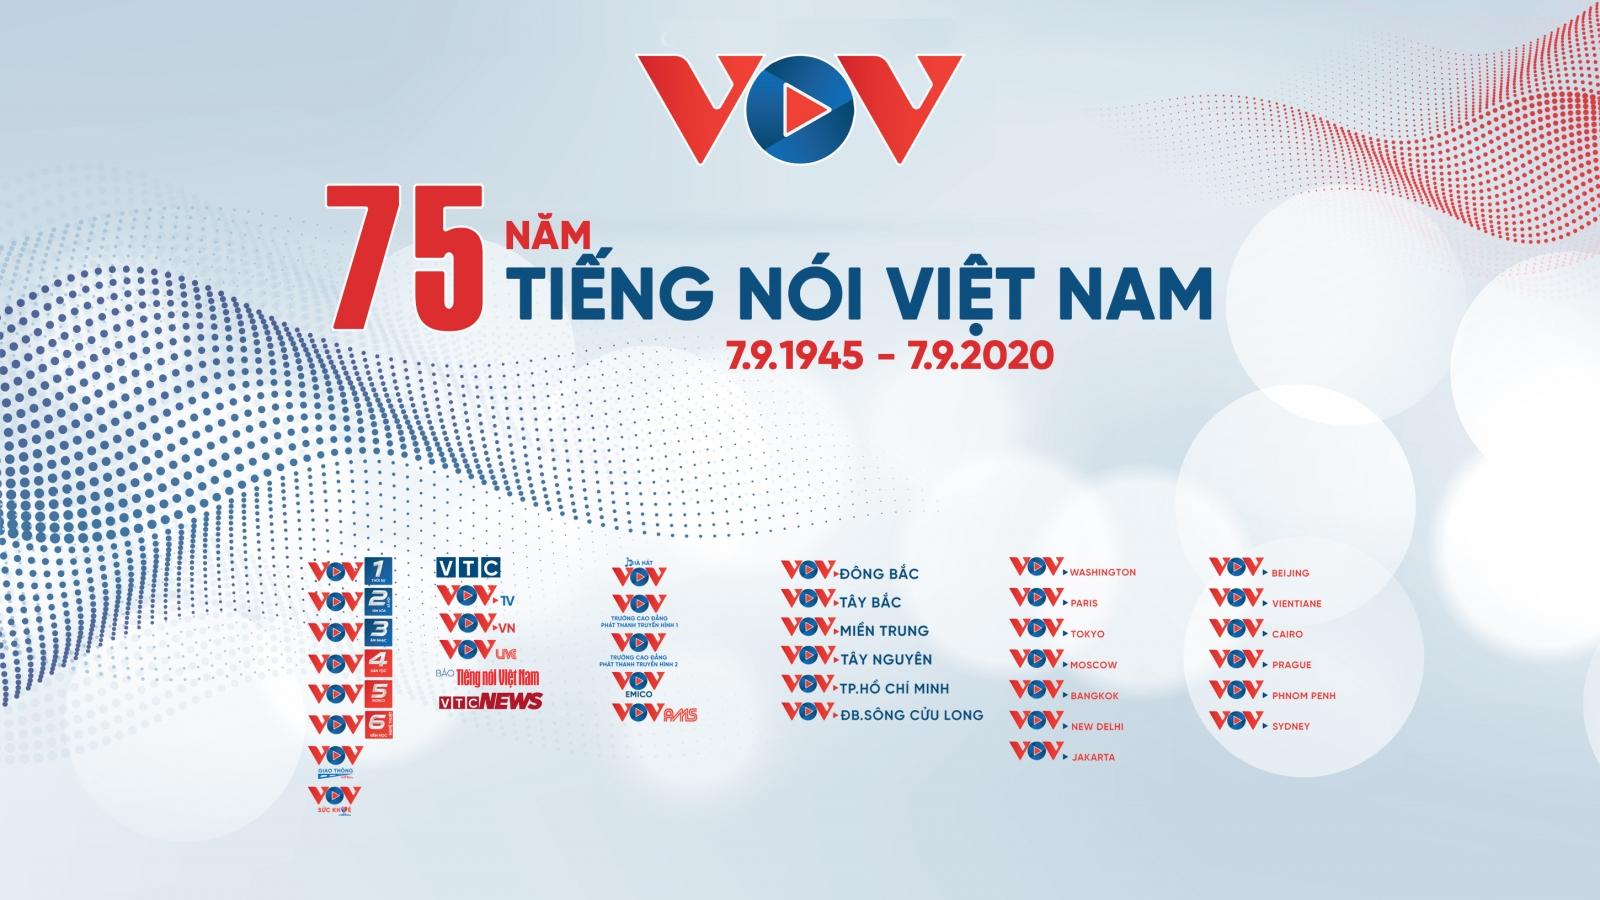 Logo mới VOV đánh dấu bước chuyển mình, tái định vị thương hiệu